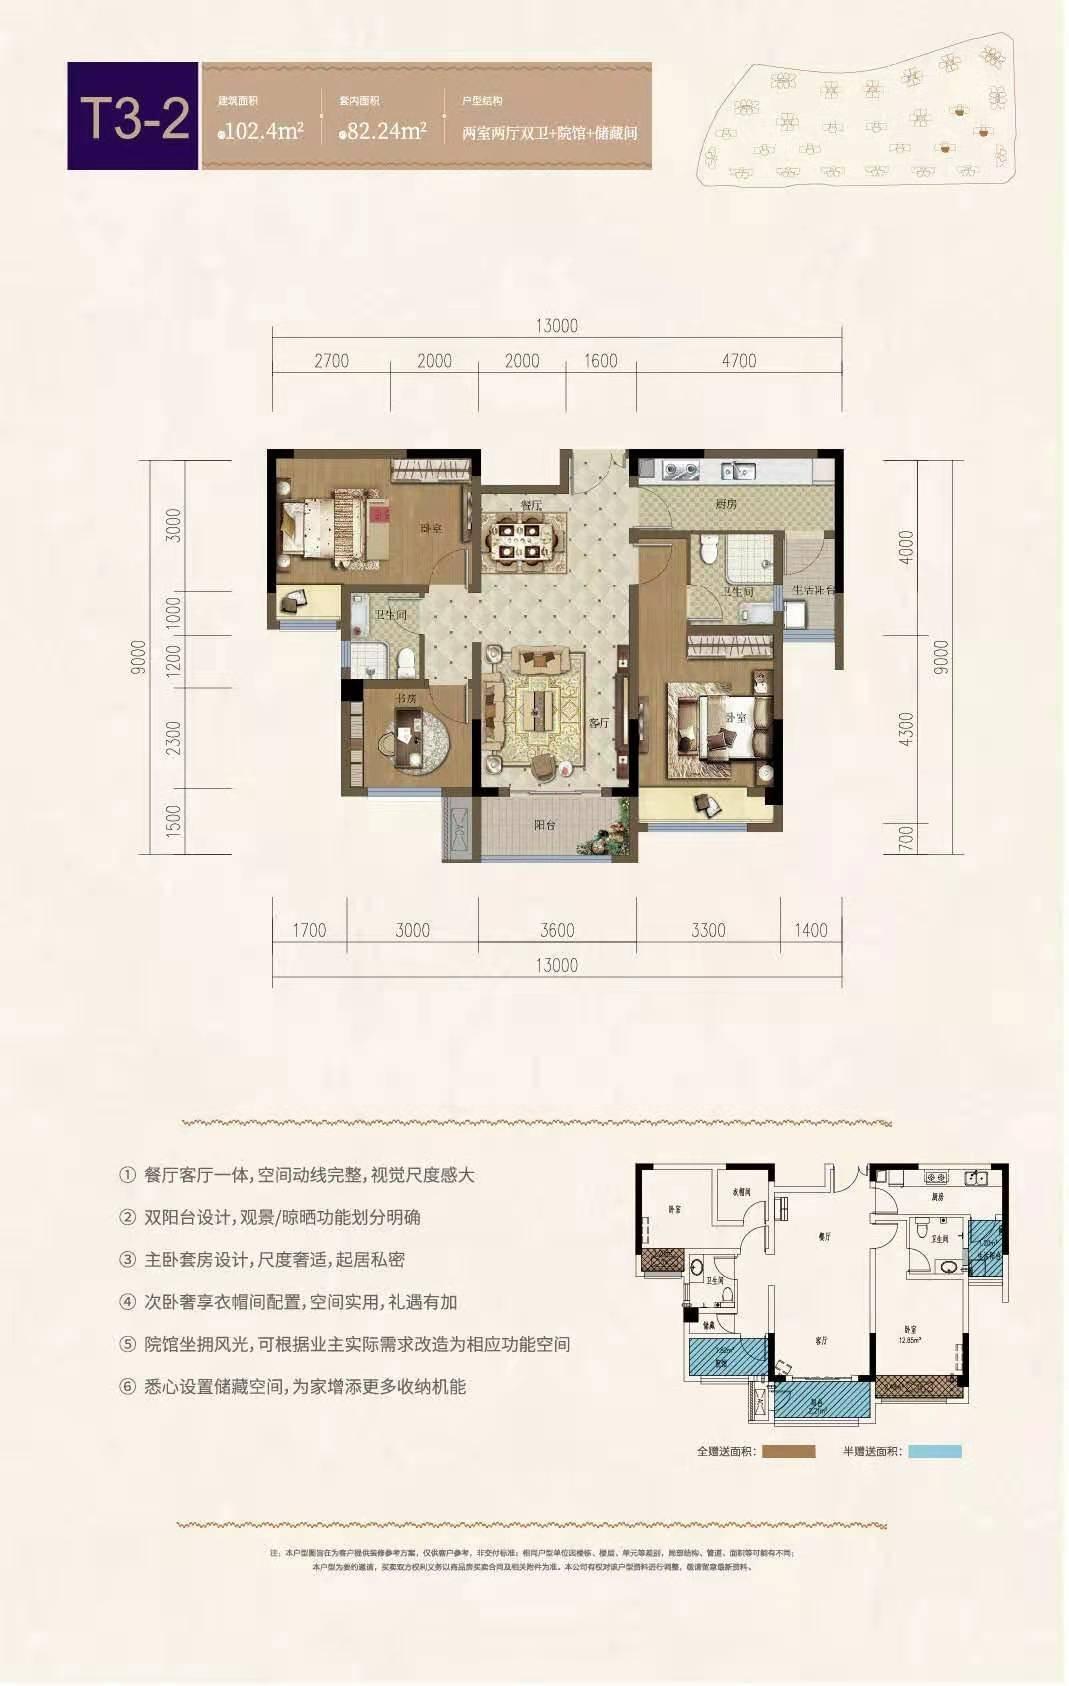 渝北区两路空港中国摩新房T3-2户型图